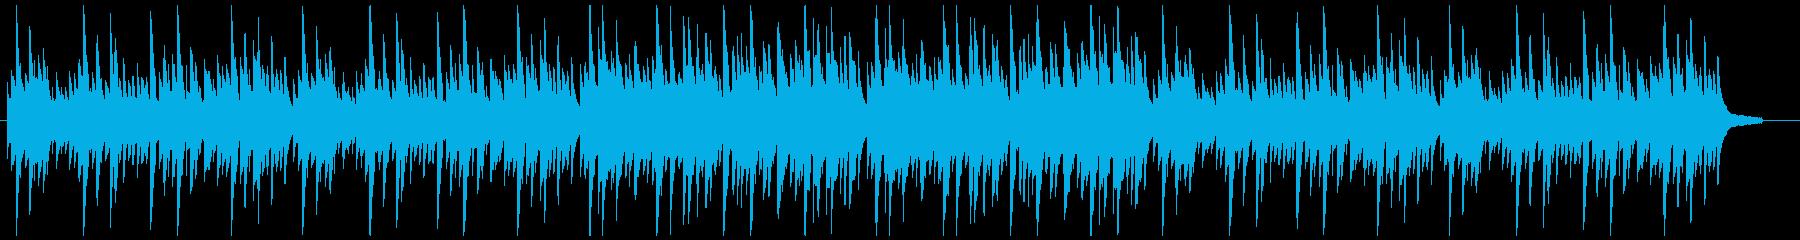 奇妙な緊張感:ピアノソロ劇伴(短めの再生済みの波形